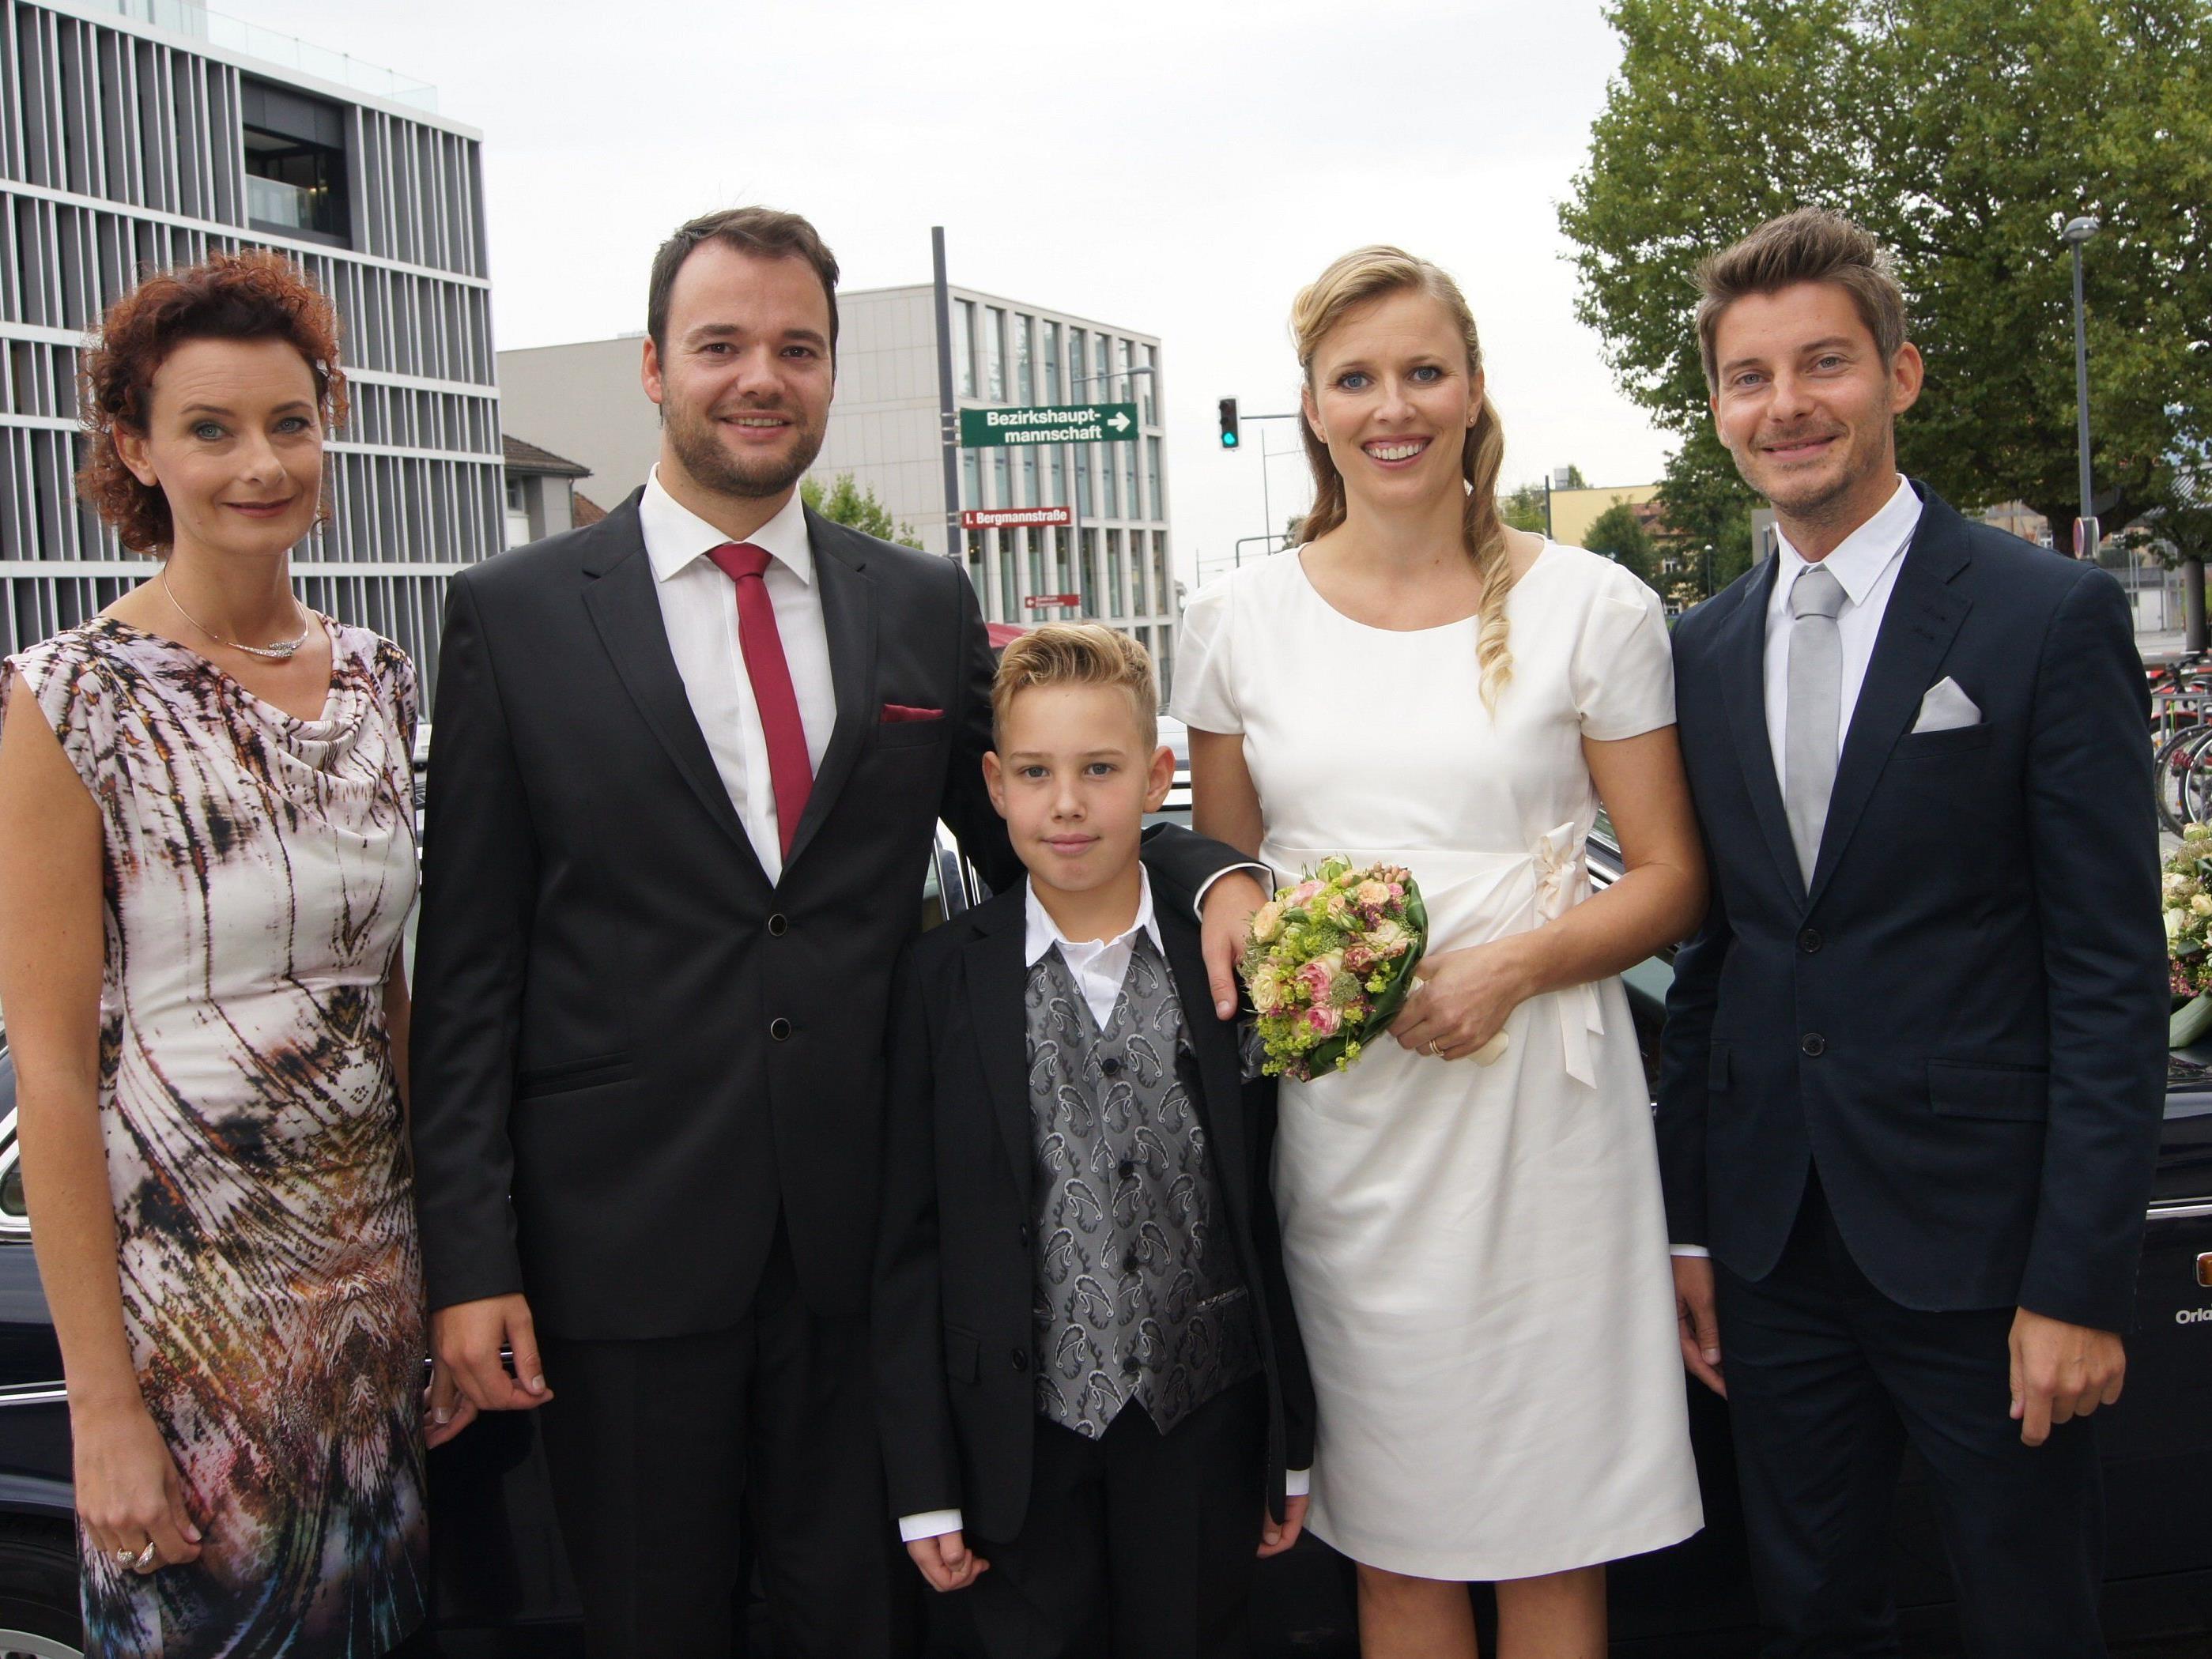 Das Brautpaar mit den Trauzeugen und Fabian bei der standesamtlichen Trauung in Dornbirn.